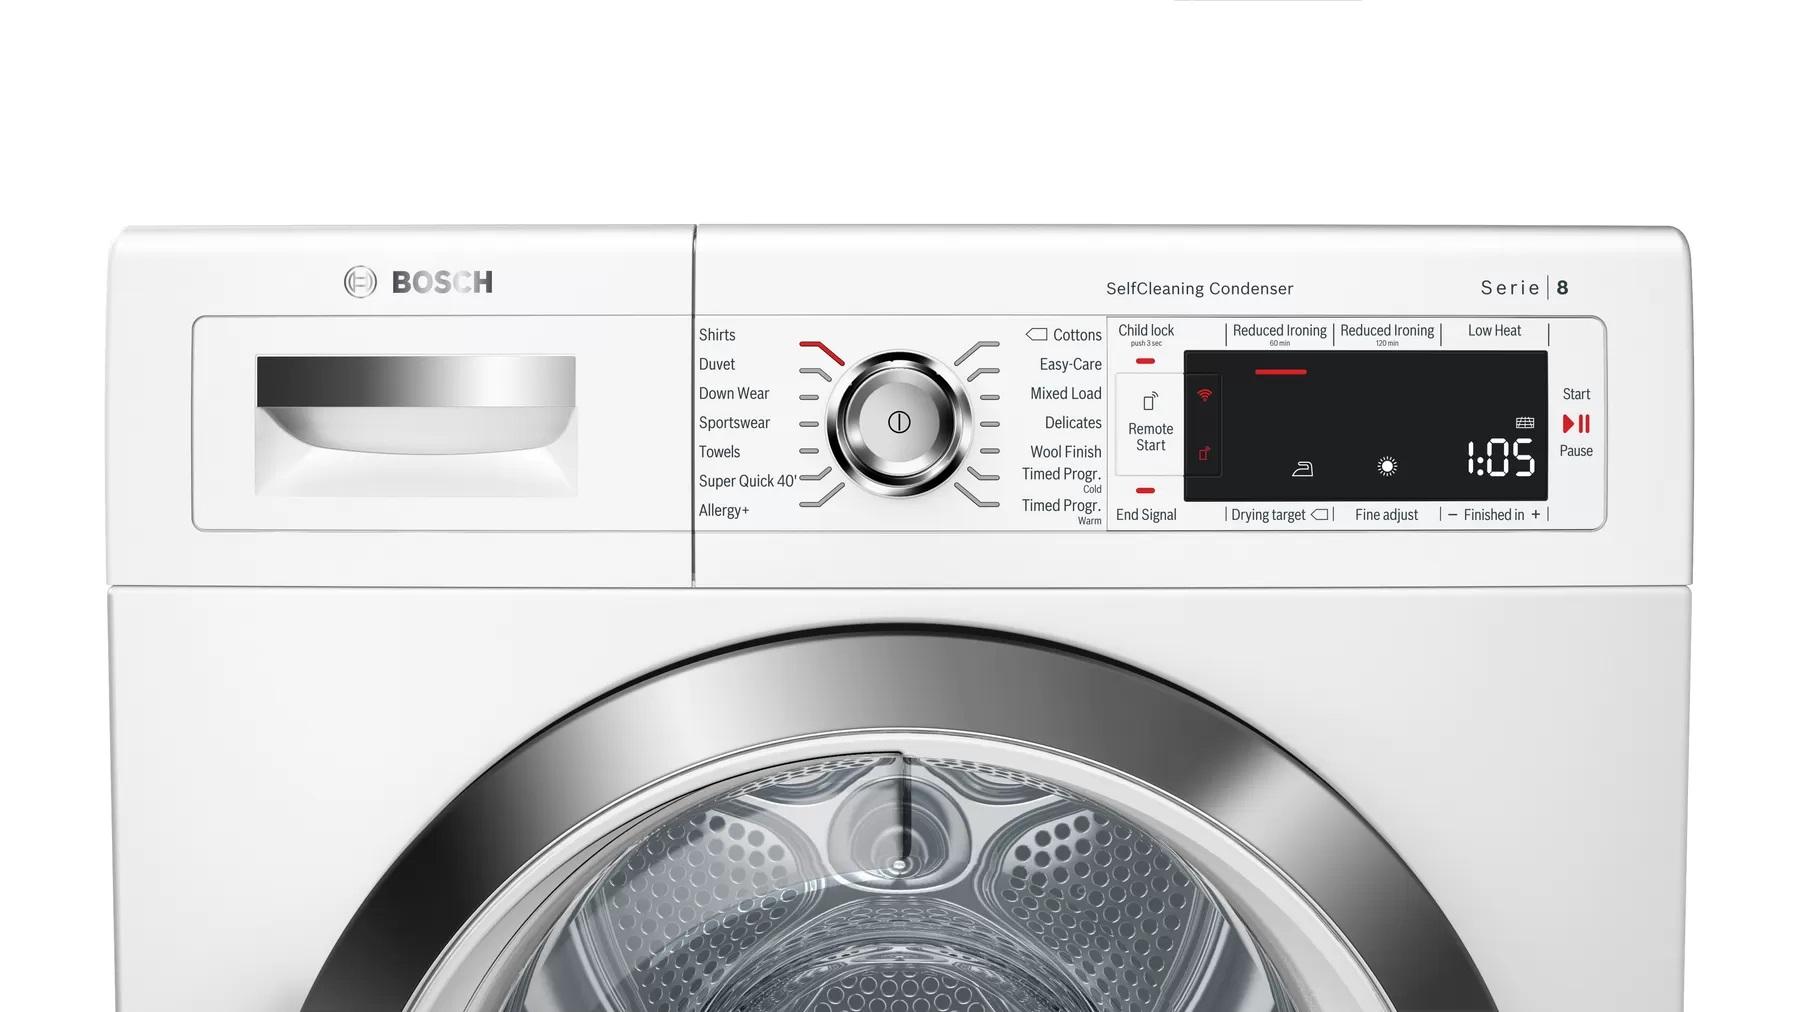 BOSCH 9KG Heat Pump Dryer WTWH7560GC